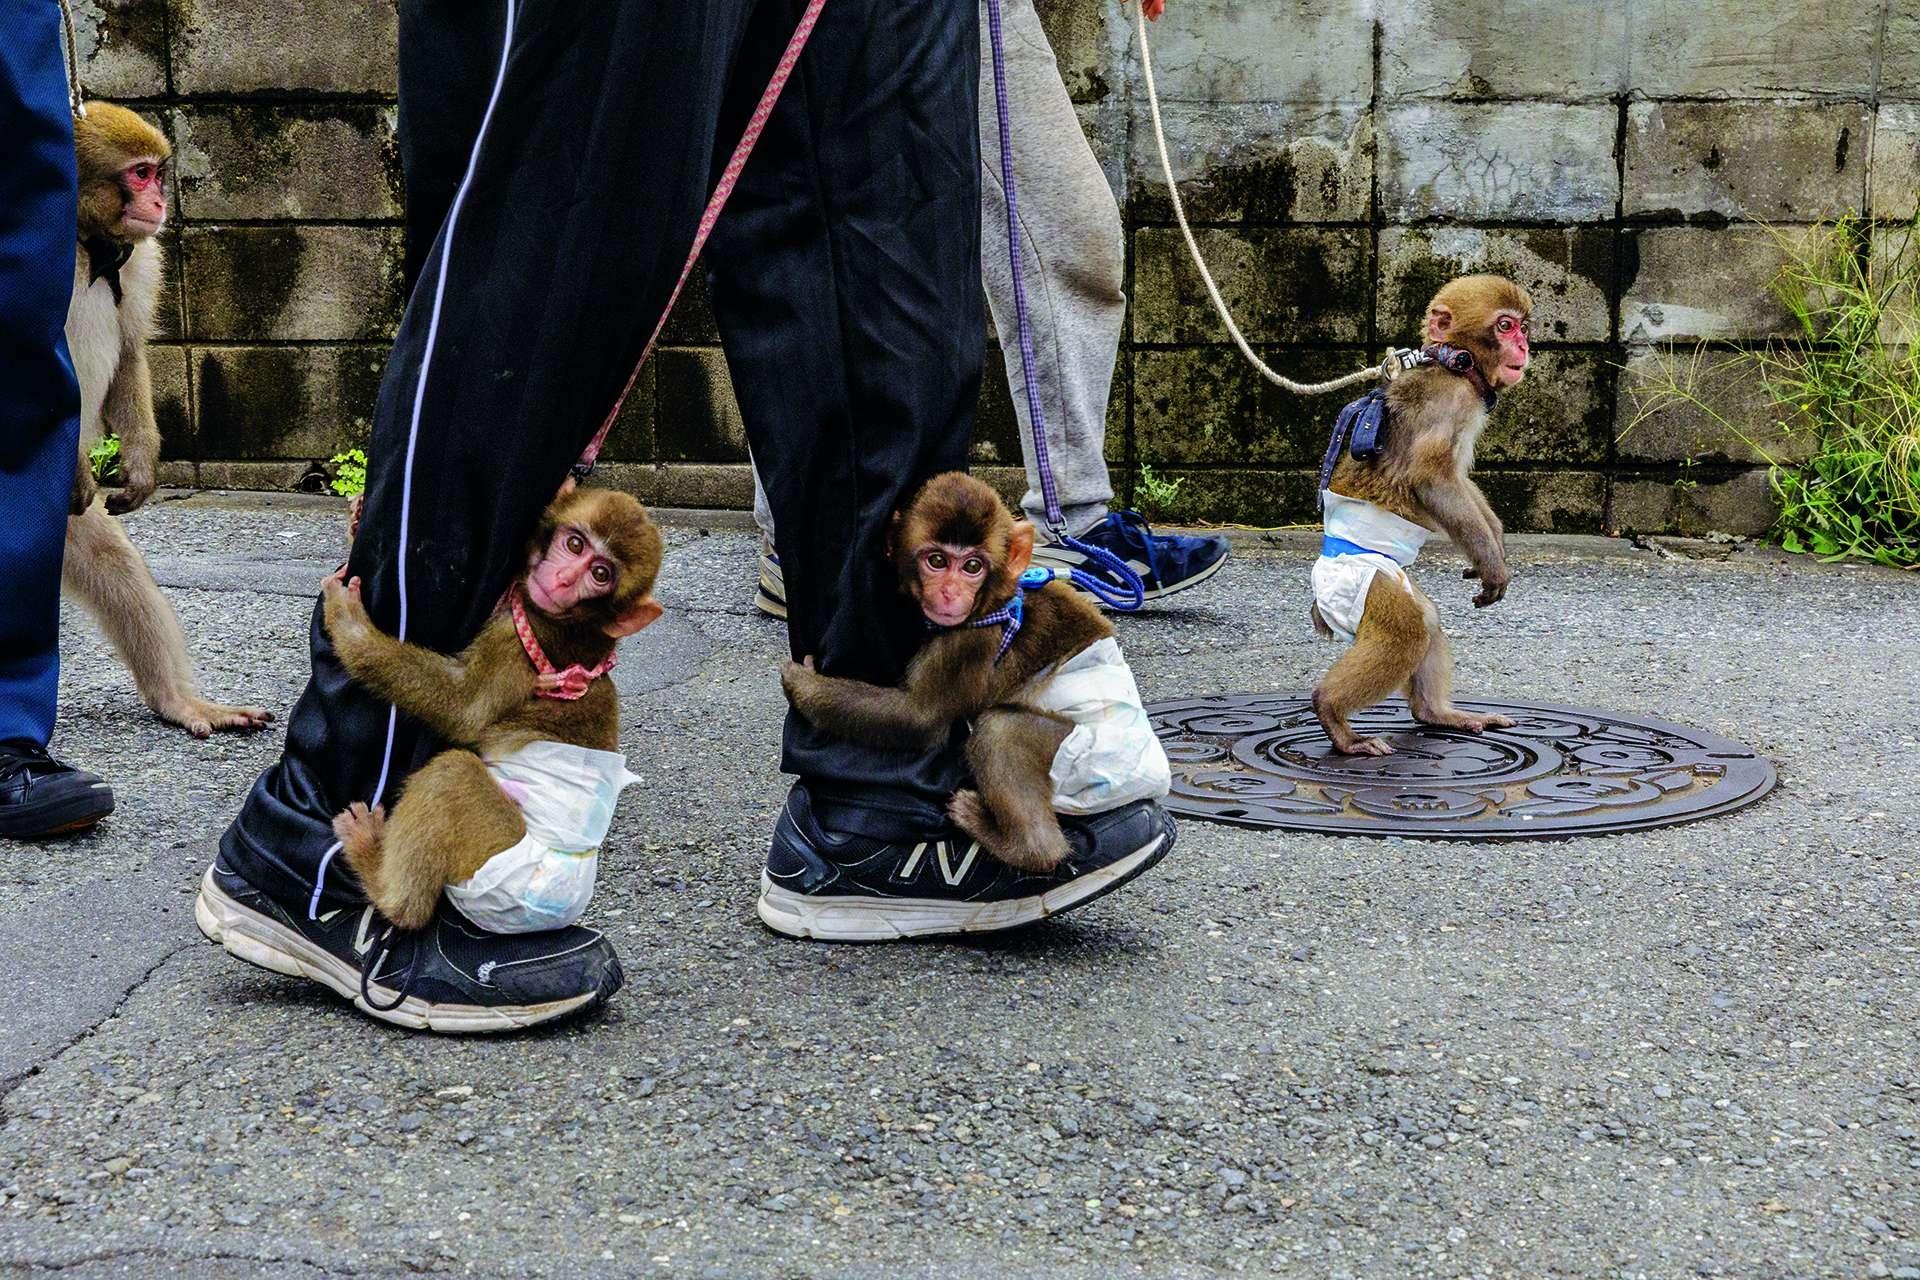 川崎市表演團體「戰豆的猴戲」的馴猴師每天都帶著他們負責照顧、包著尿布的猴子去街上散步。在猴戲訓練的早期階段,幼猴會學習坐在小凳子上,再慢慢學習踩高蹺與跳過障礙物。攝影: 賈斯博. 杜斯特 JASPER DOEST